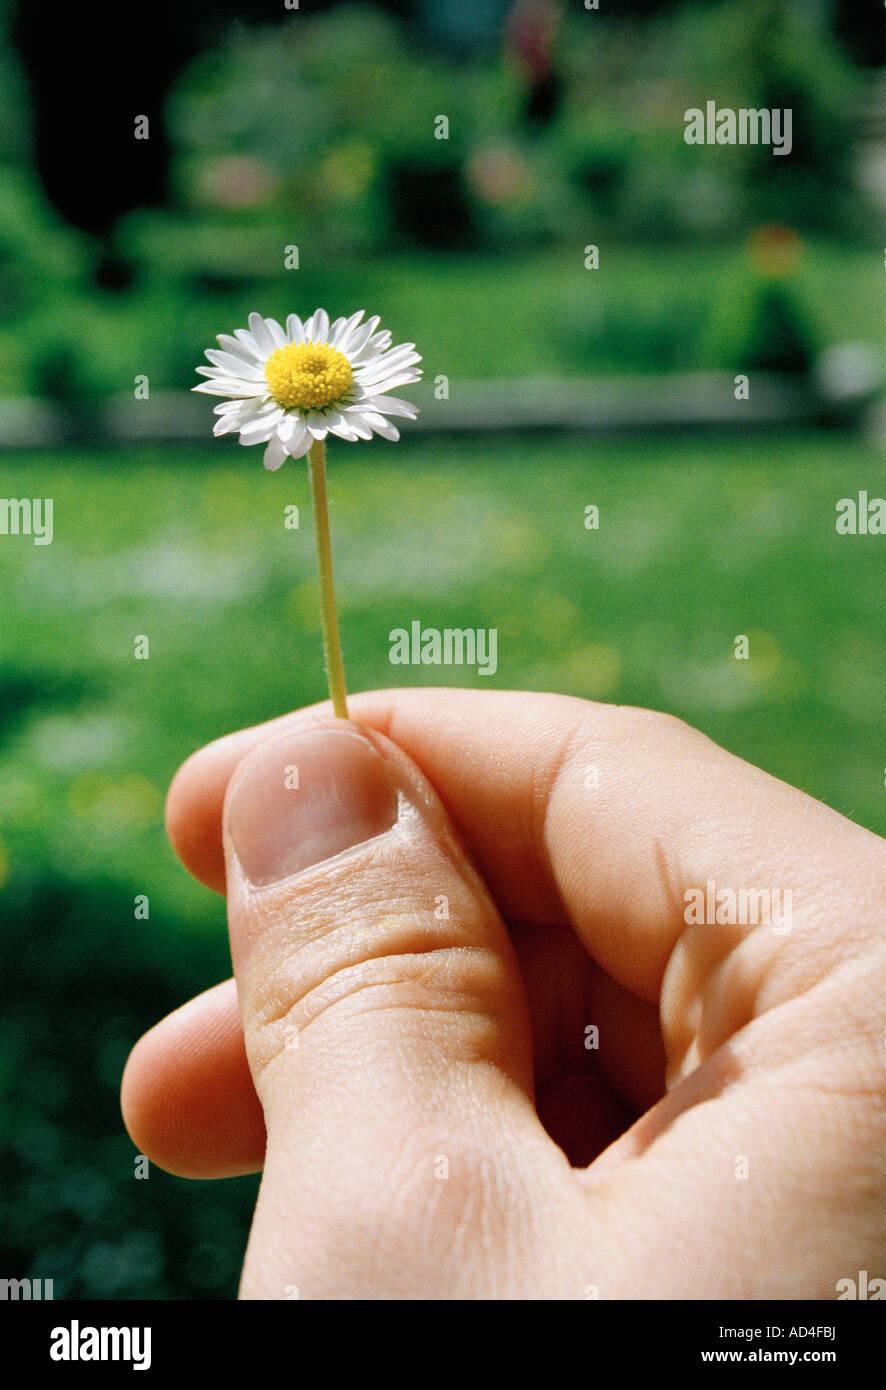 Detalle de un hombre sosteniendo una pequeña daisy Imagen De Stock